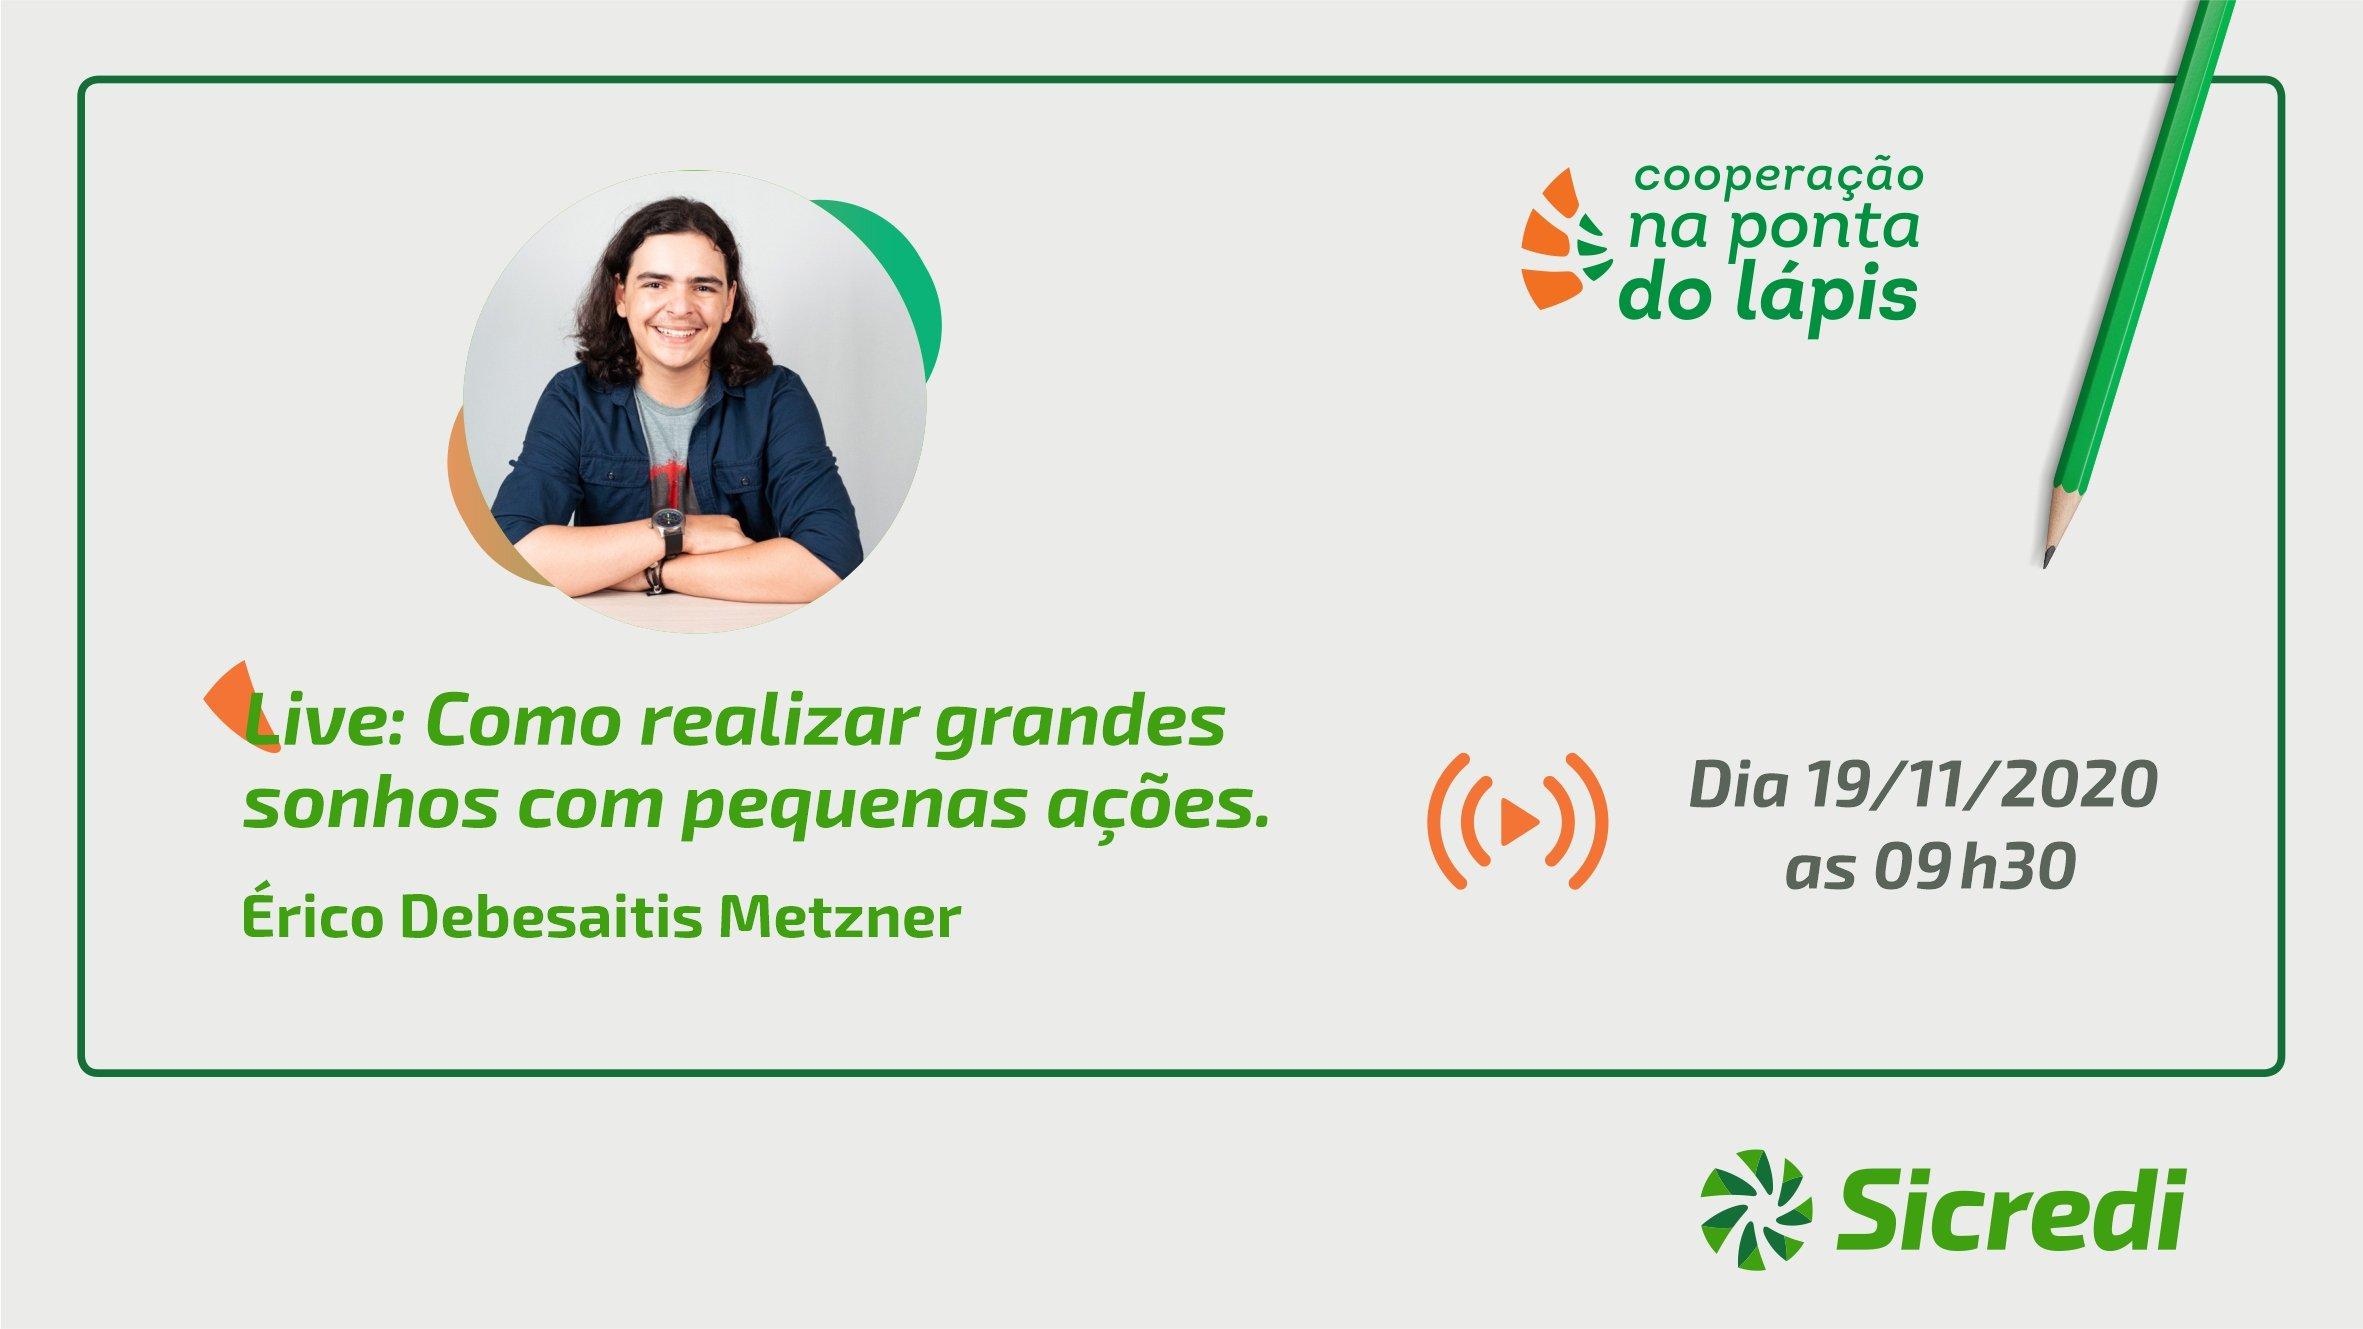 Cooperação na Ponta do Lápis: Participe da Live de educação financeira do Sicredi